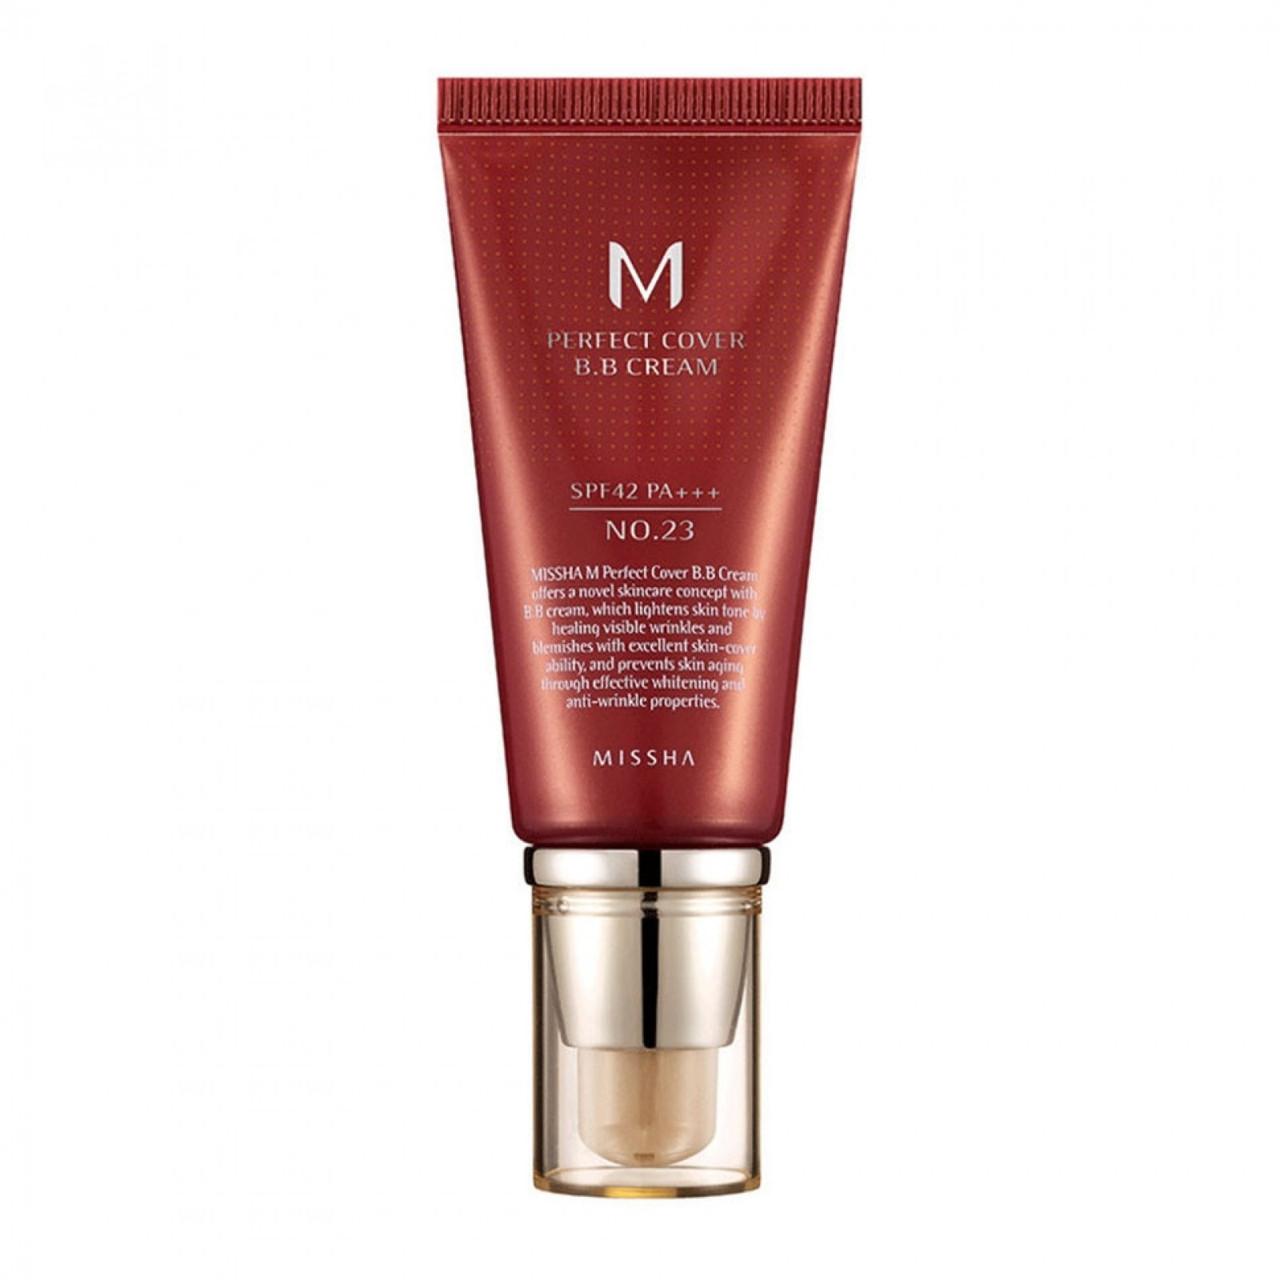 ВВ Крем увлажняющий и матирующий Missha M Perfect Cover BB Cream №27 Медовый бежевый (50 мл)